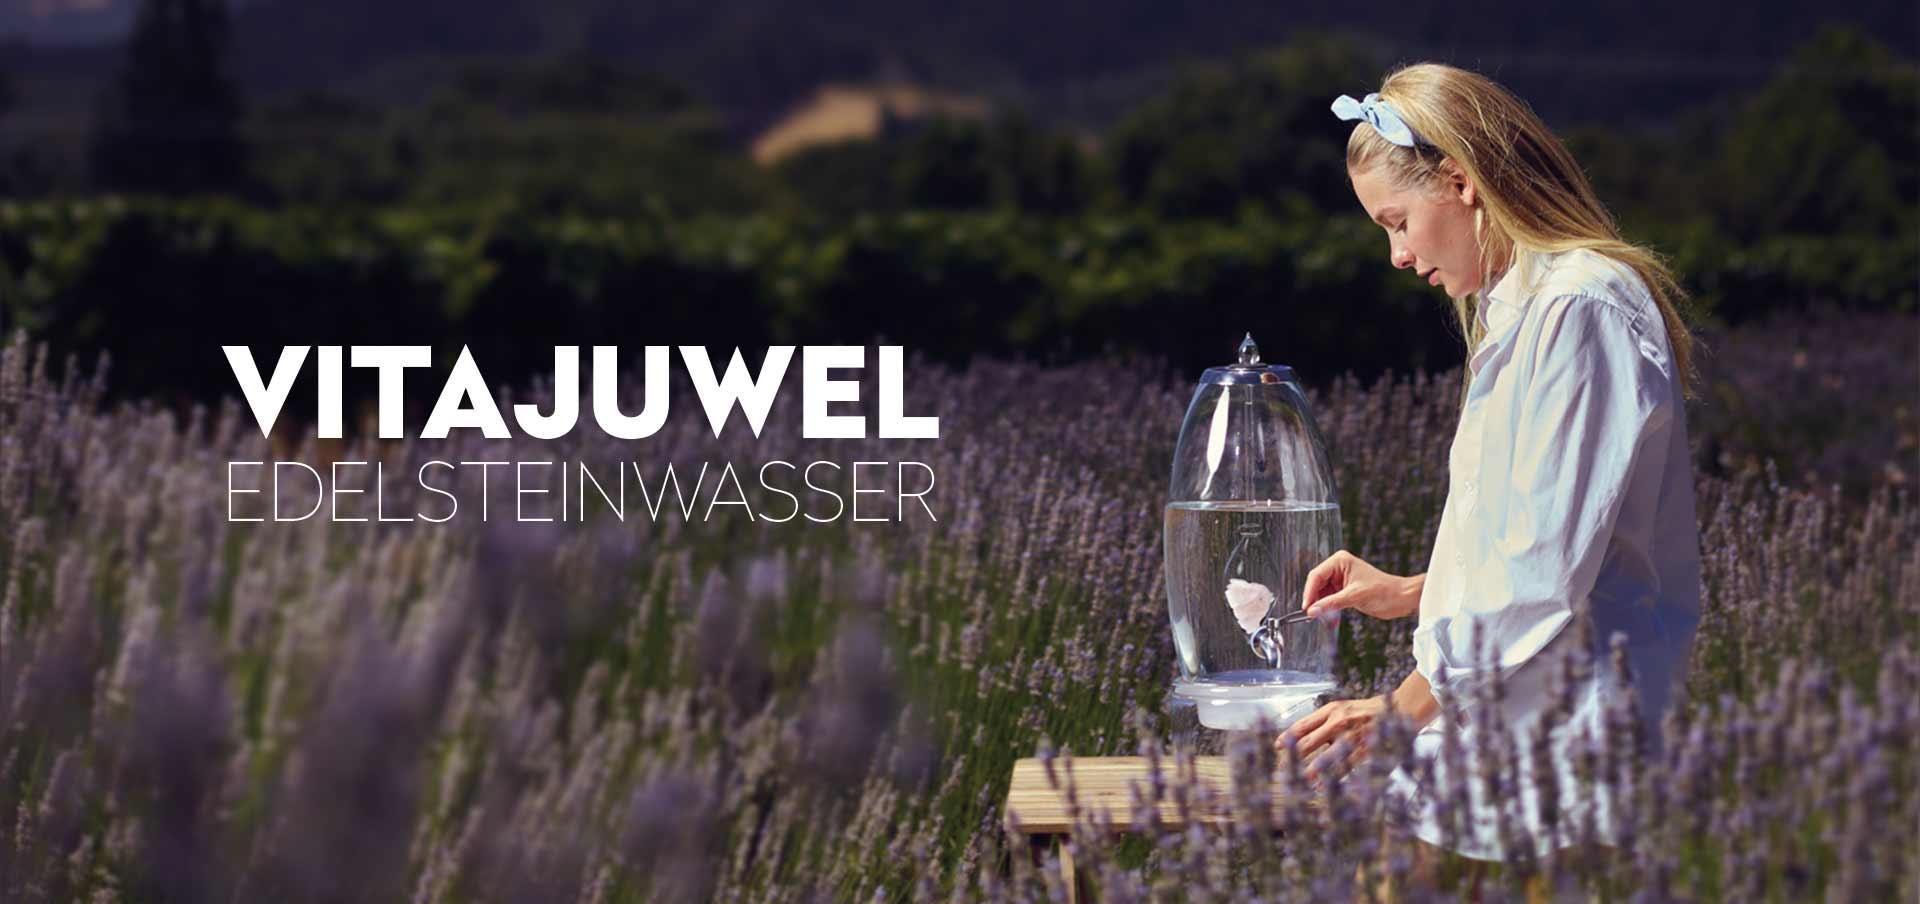 vitajuwel Edelsteinwasser frisch wie Quellwasser